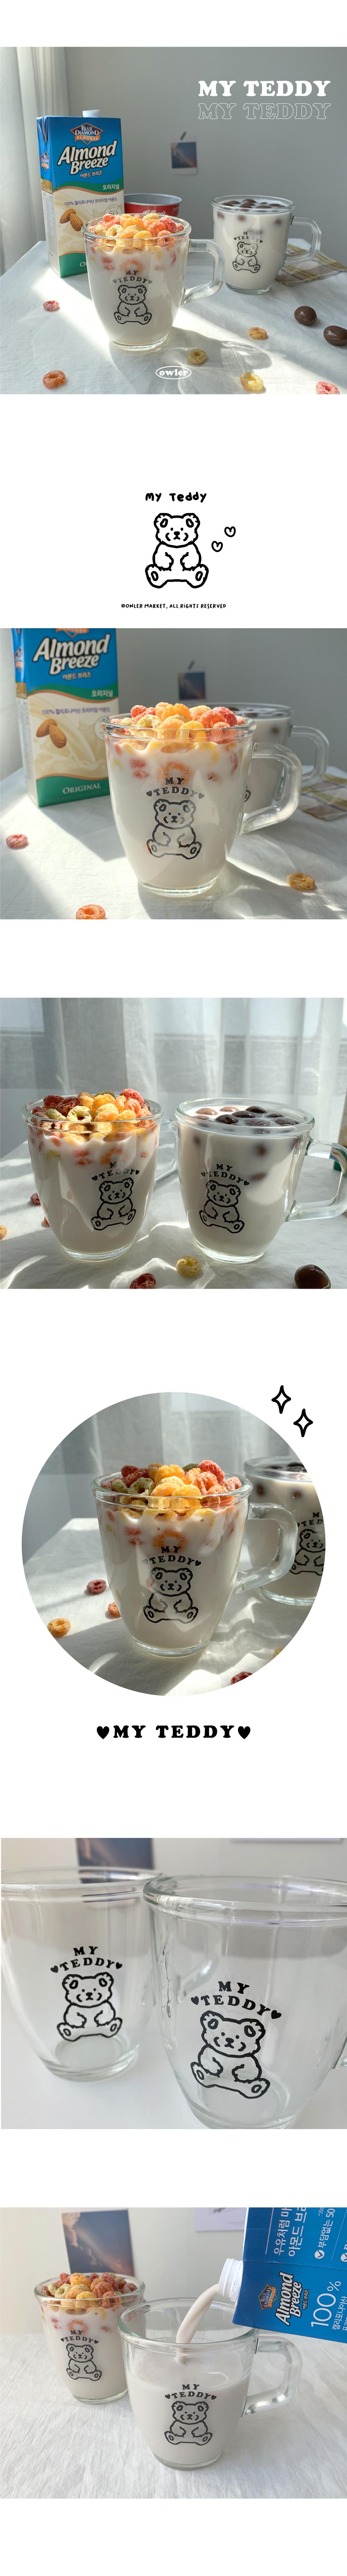 マイテディホームカフェ透明なガラスのマグカップ